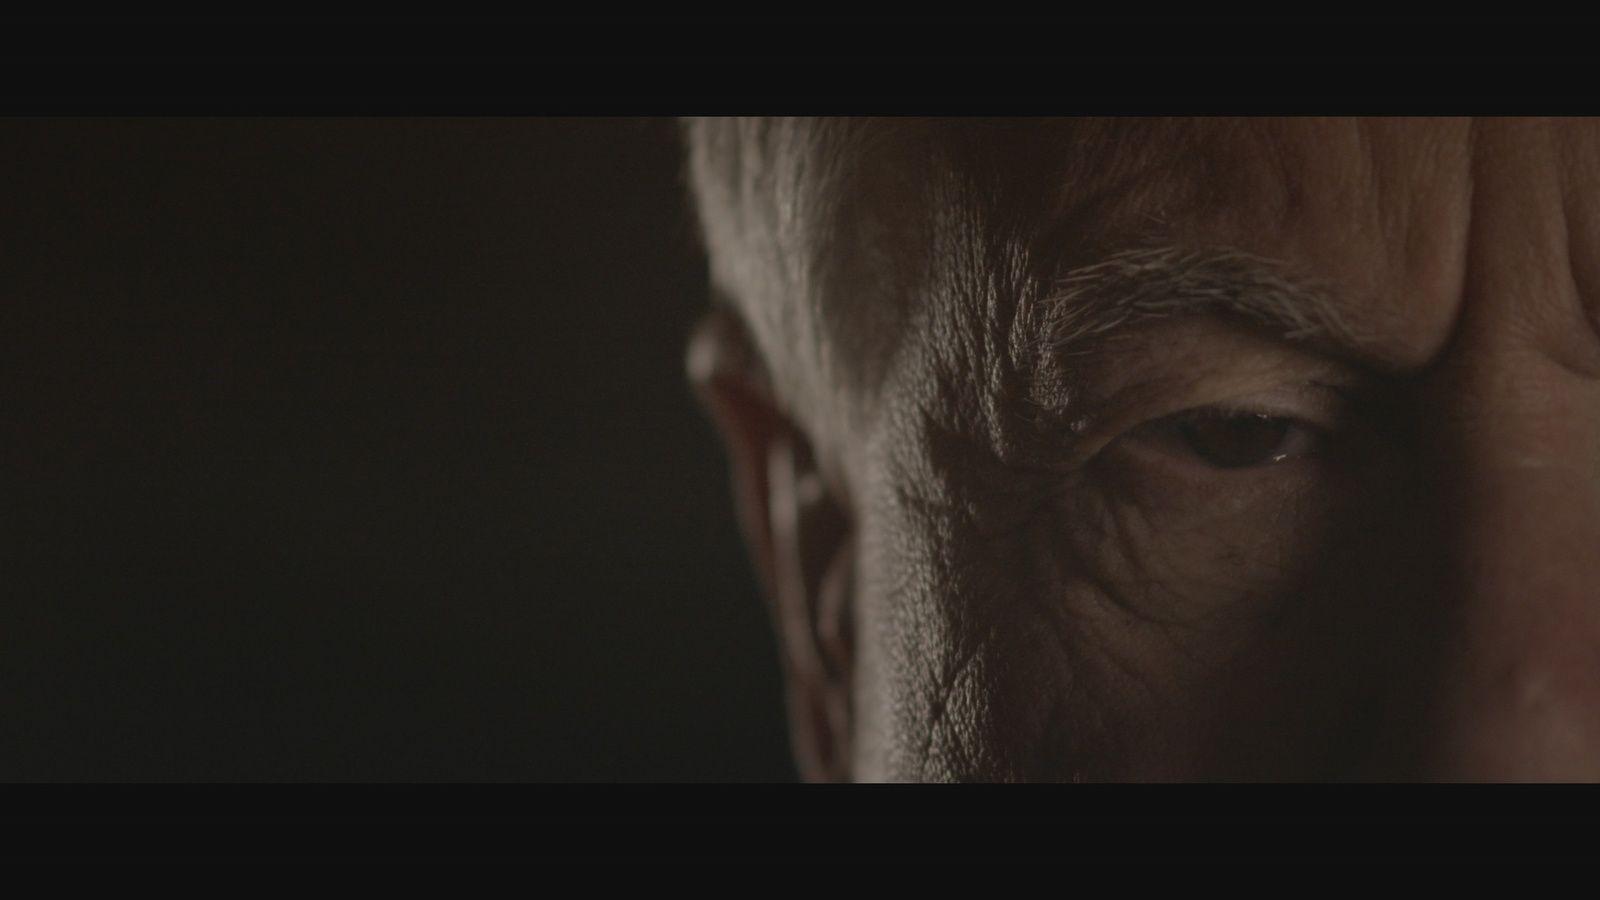 [Evènement] Découvrez la bande-annonce de Tantale, le nouveau film interactif de France Télévisions